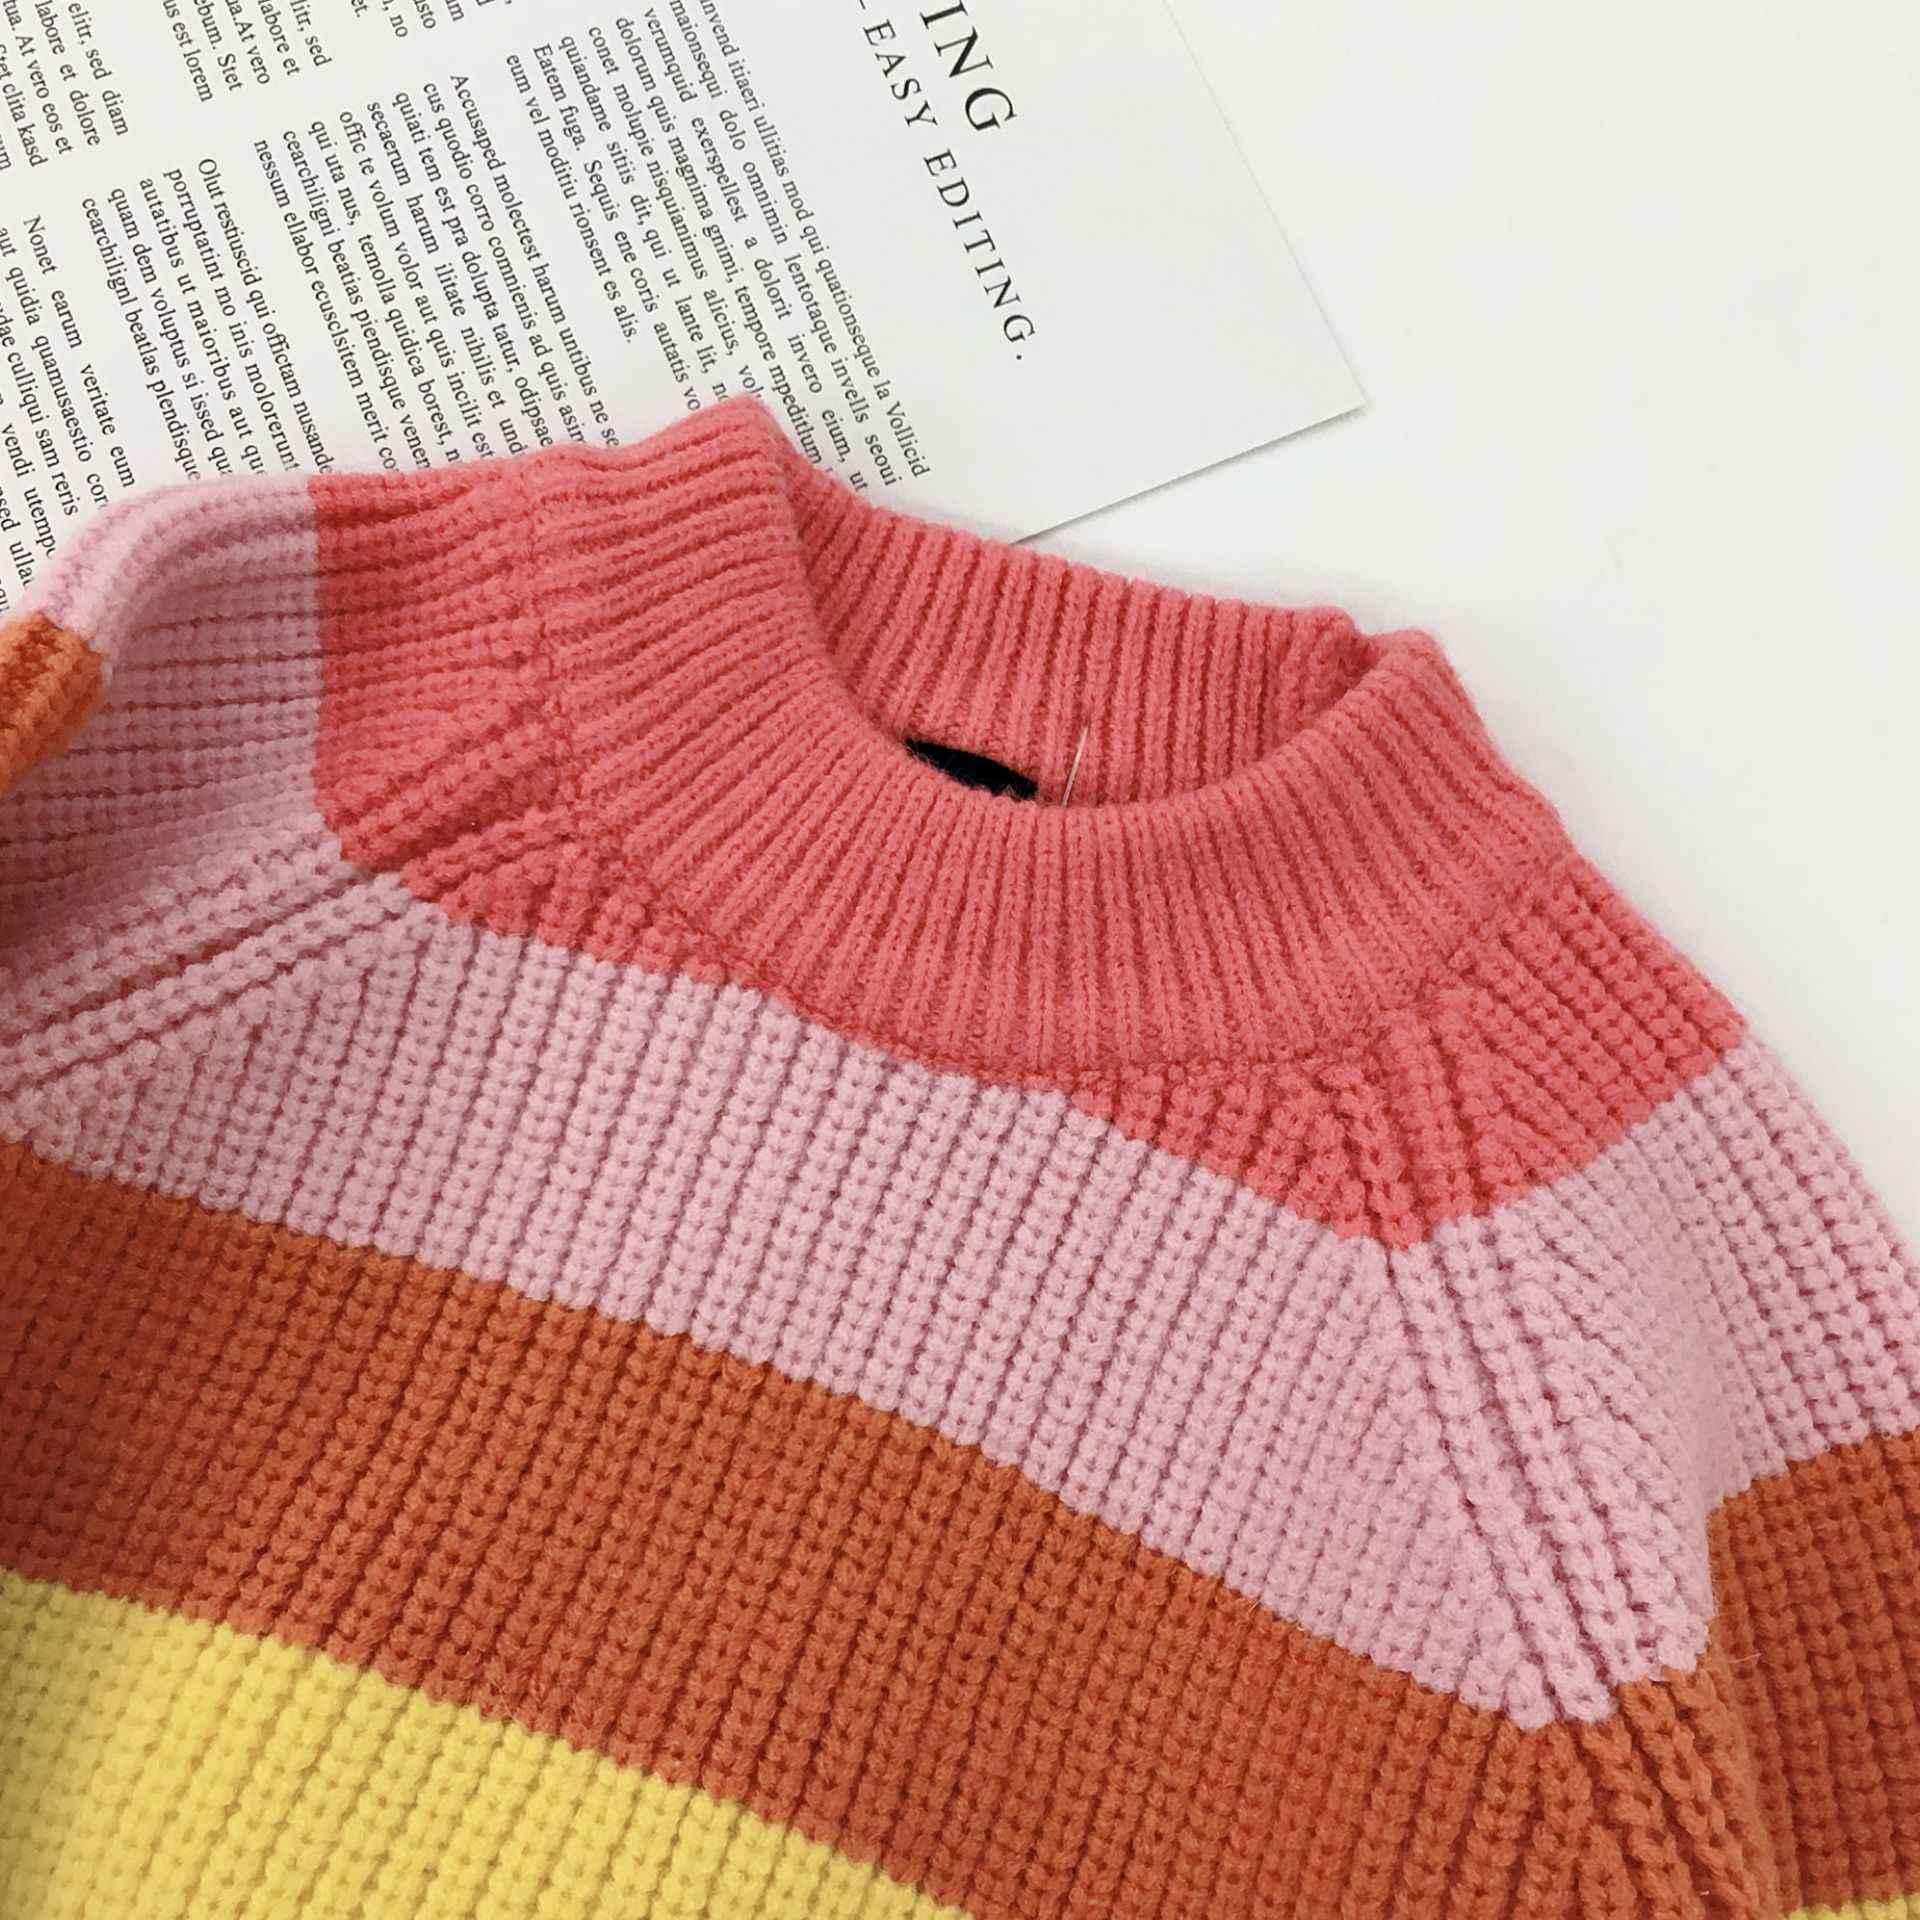 새로운 2019 겨울 어린이 스웨터 레인보우 스트라이프 소녀와 소년 kint 스웨터 가을 아기 따뜻한 양모 탑스 아이 옷